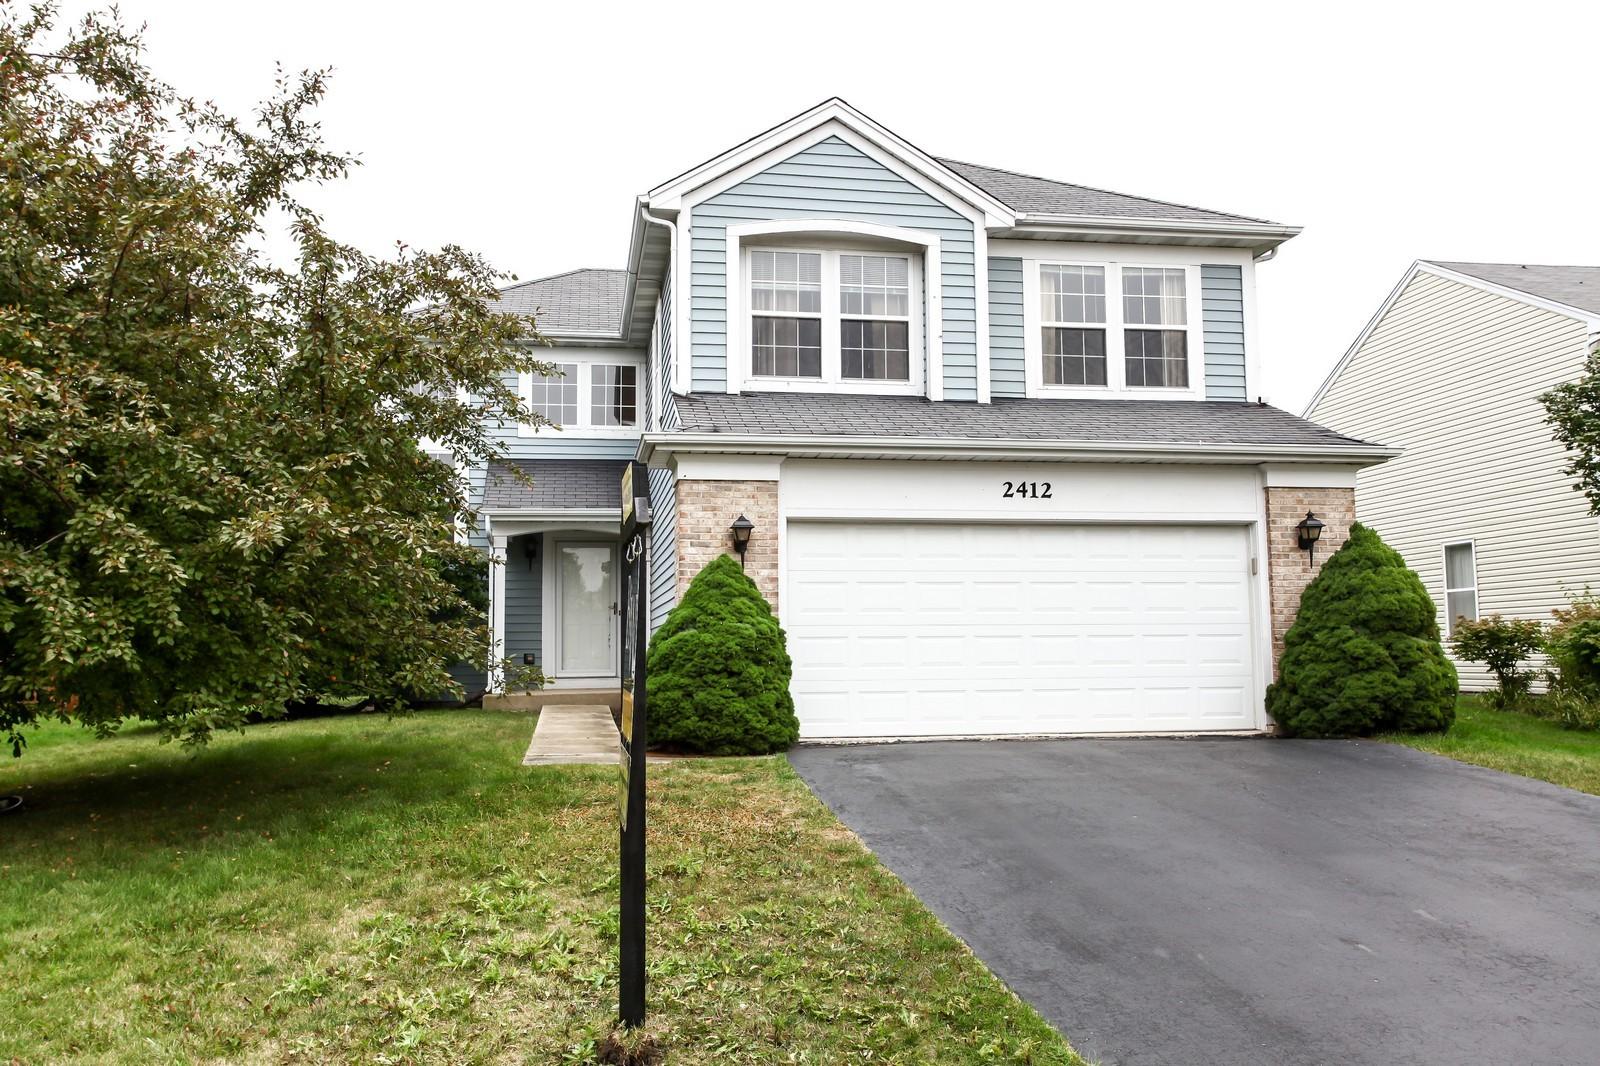 Real Estate Photography - 2412 Lexington Ln, Naperville, IL, 60540 - Front View